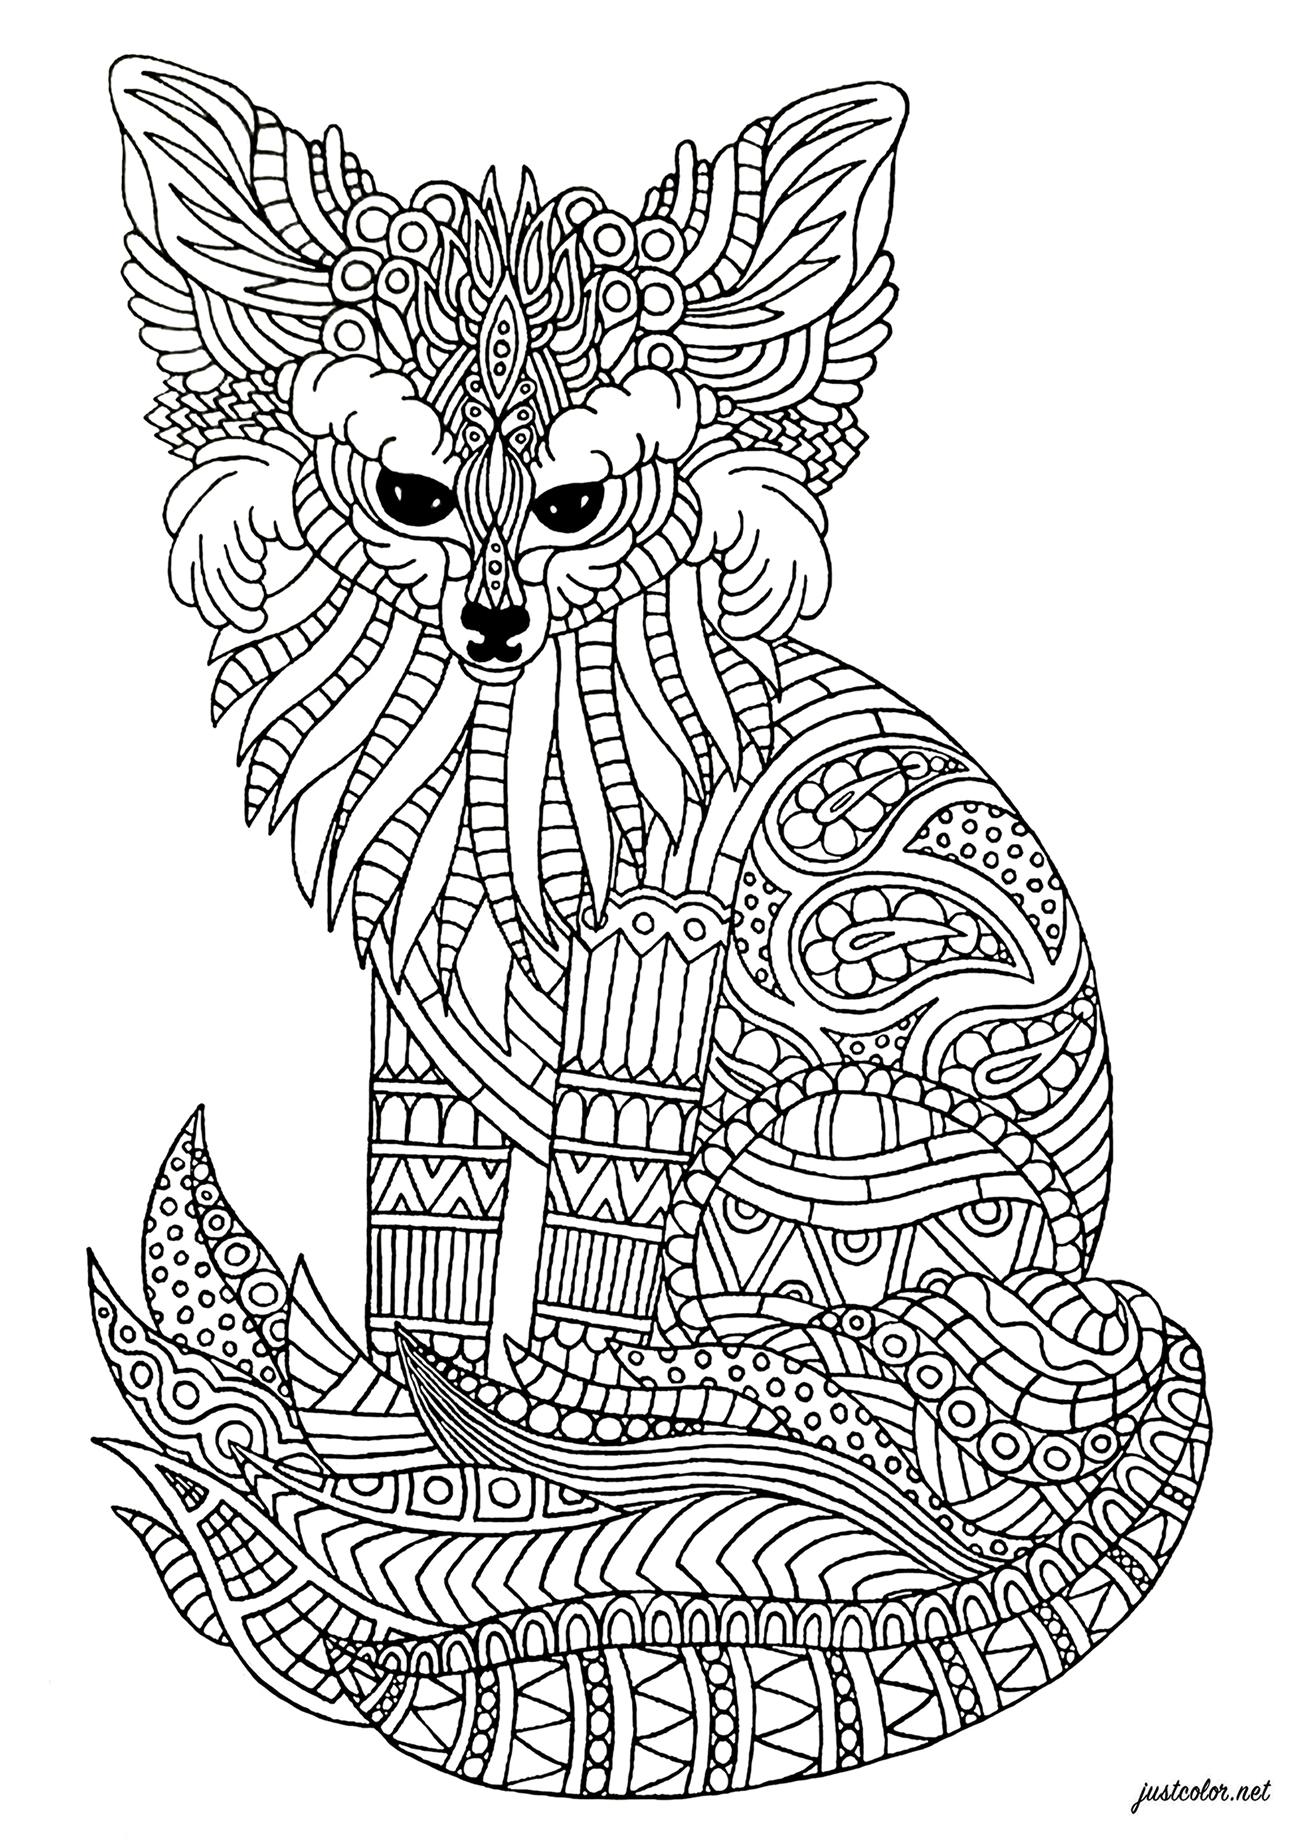 Coloriez ce renard des sables aux motifs Zentangle complexes et détendez-vous ...